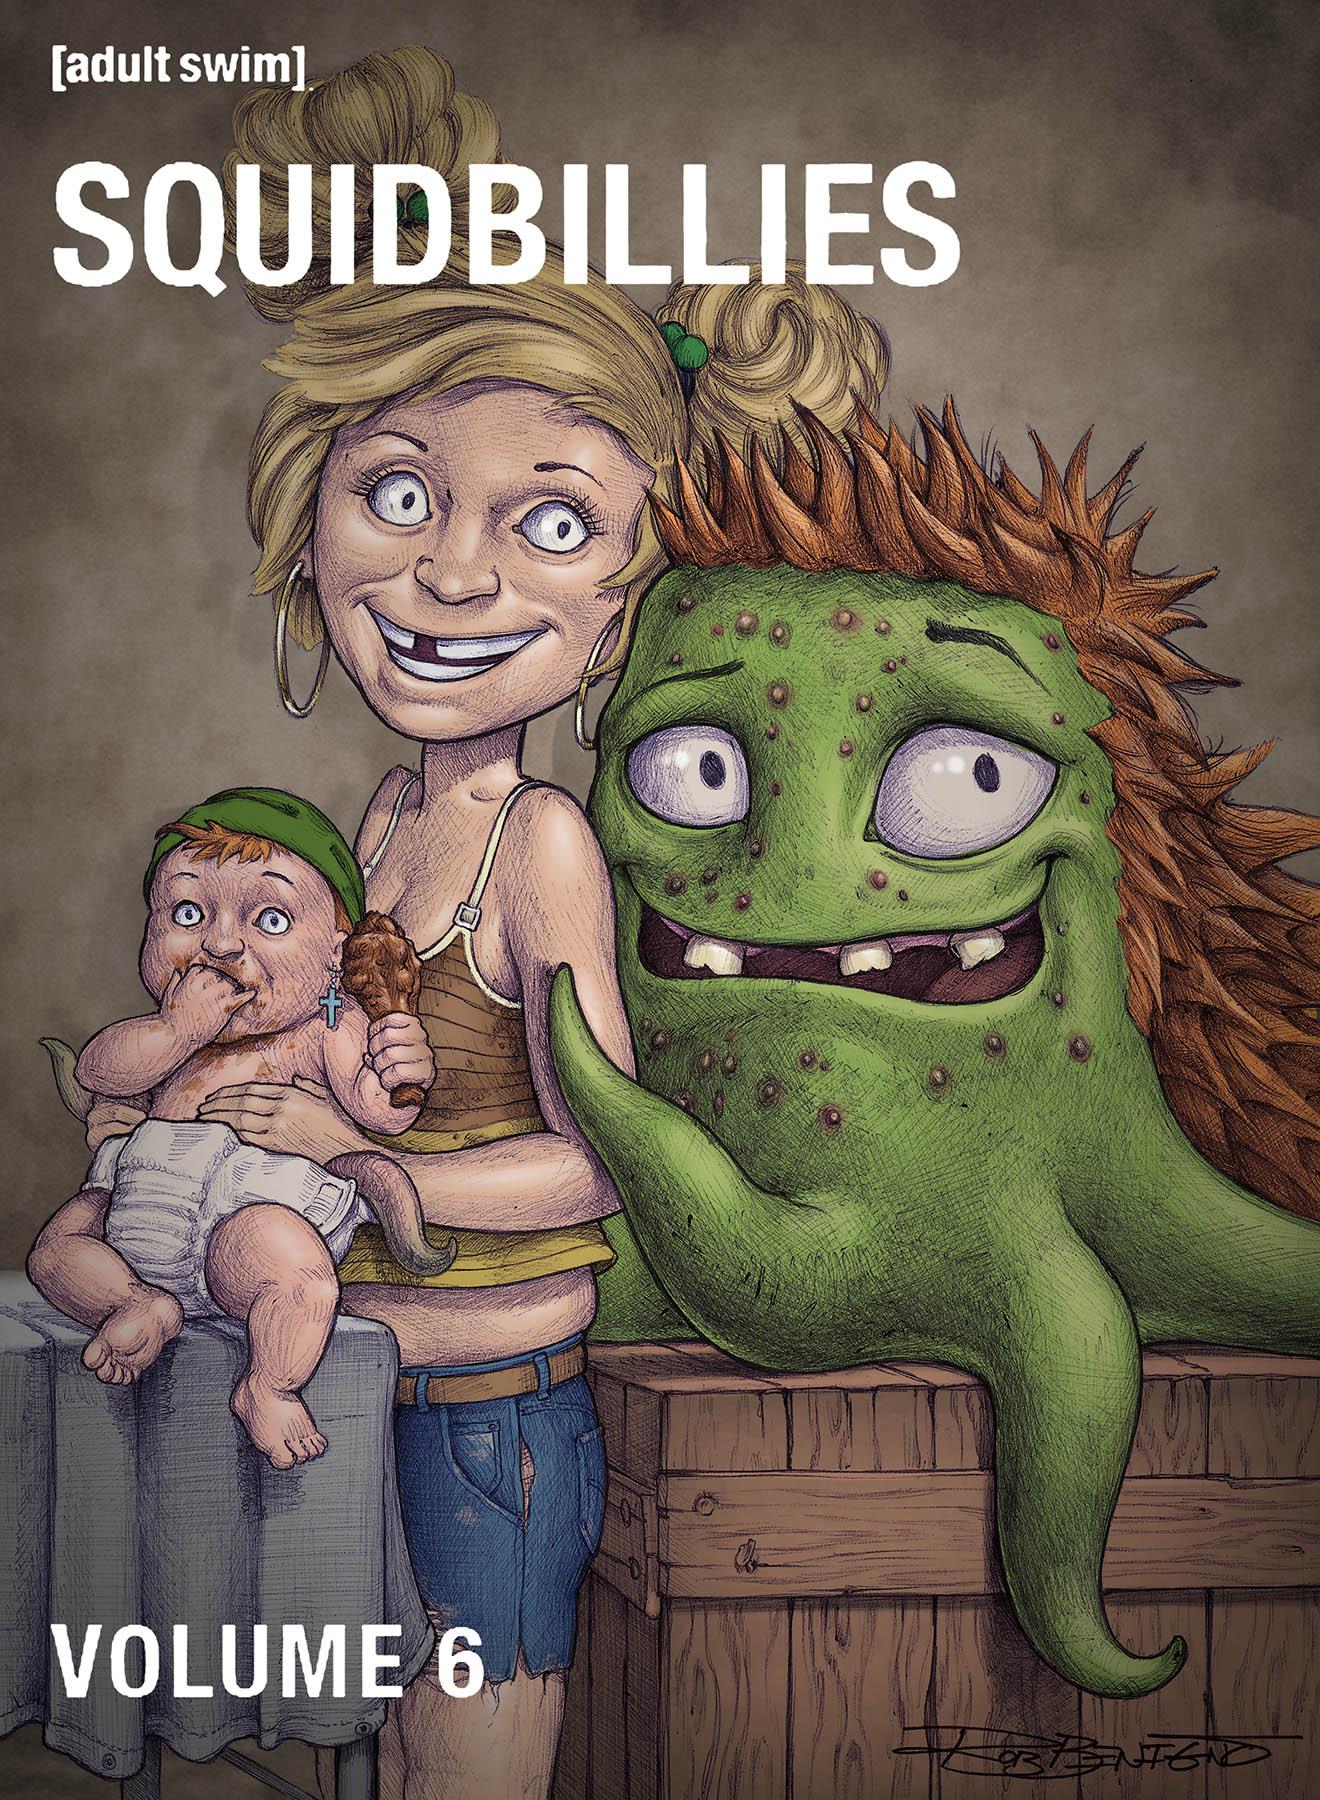 SquidbilliesCover_FINAL.jpg